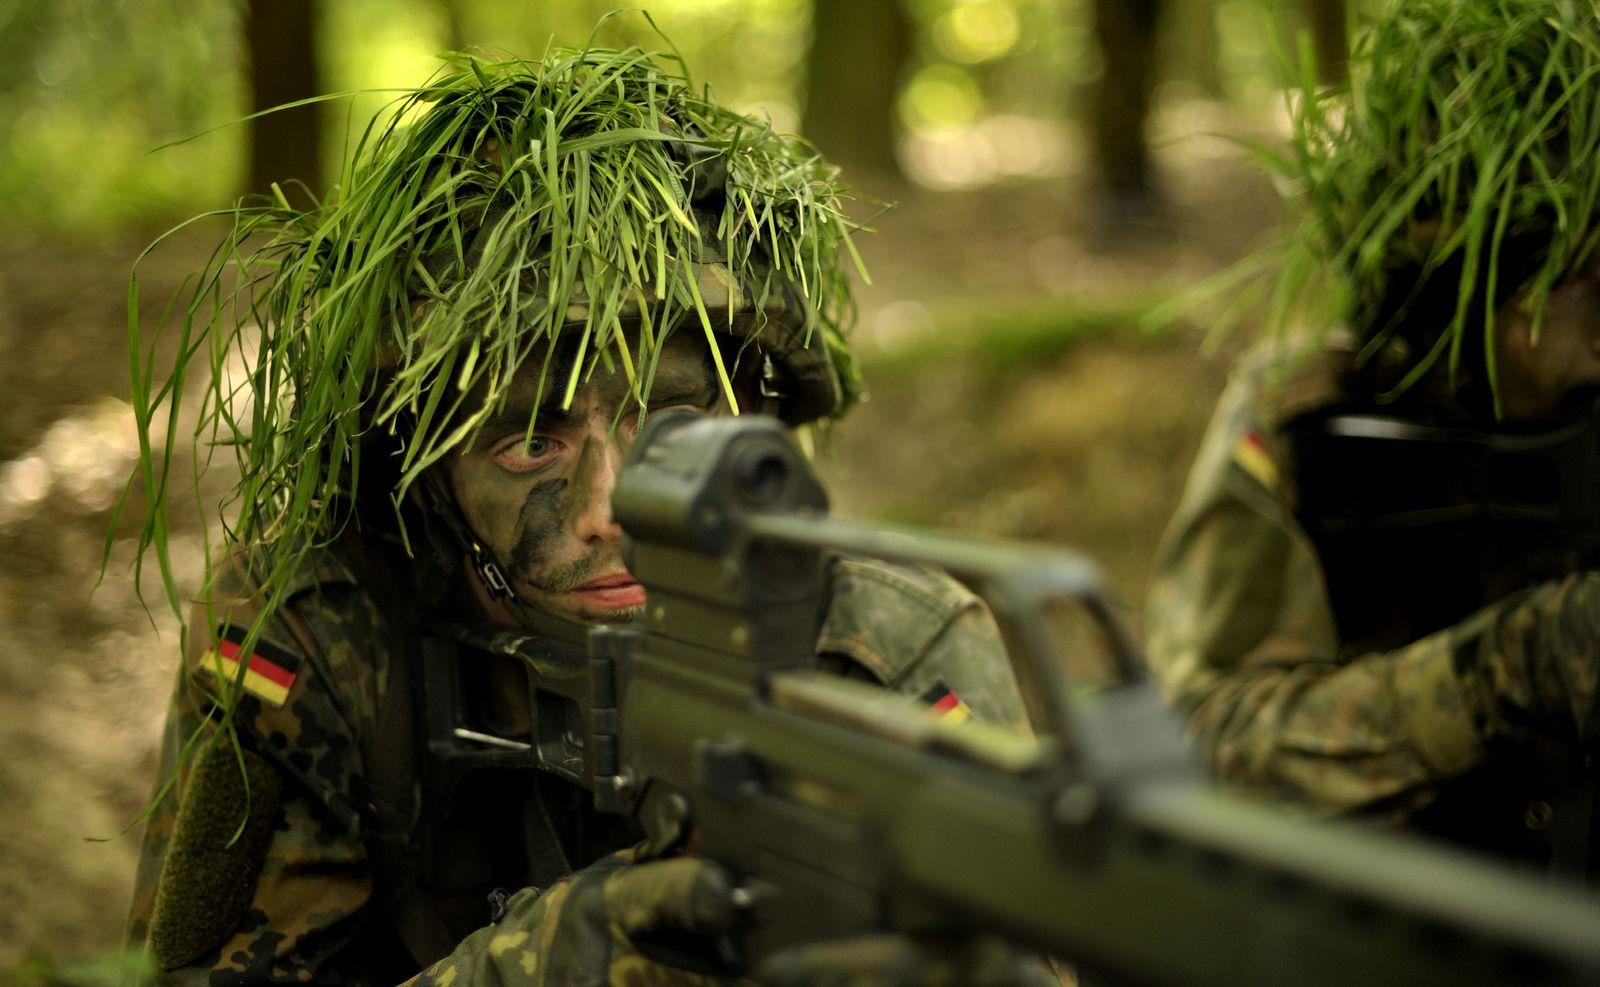 NICHT VERWENDEN Aubildung/Bundeswehr/Militaer/Rekruten/HK G36